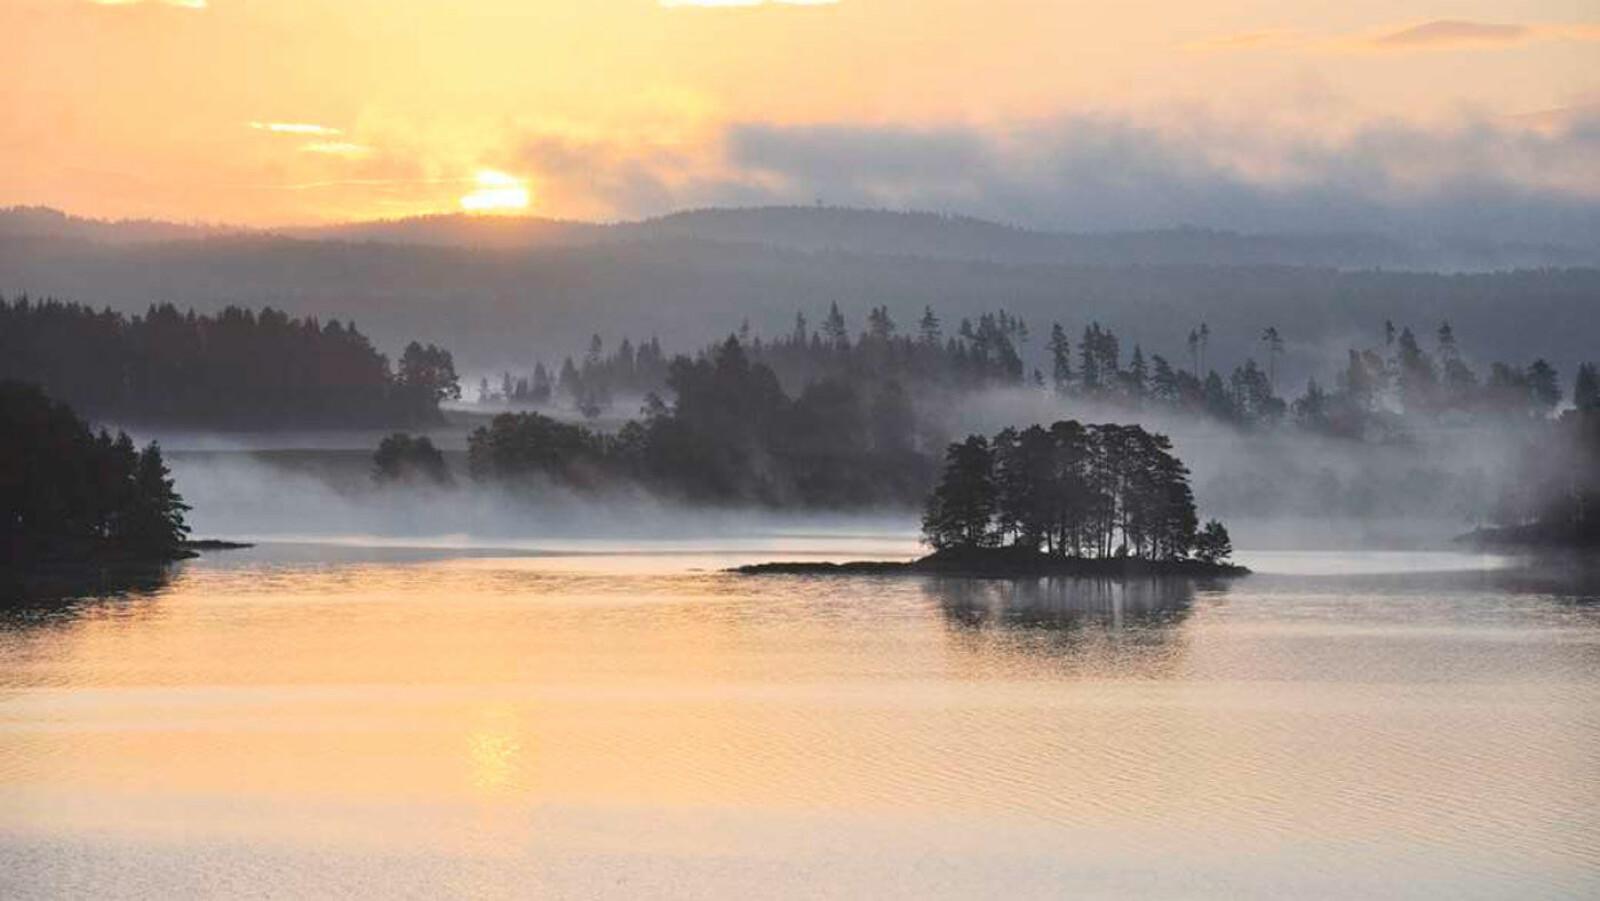 TROLSK: Haldenvassdraget byr ikke bare på et fantastisk landskap, men også imponerende ingeniørkunst. Kanalen gjennom vassdraget tok 50 år å bygge, et arbeid som startet i 1824. Foto: Steinar Fundingsrud